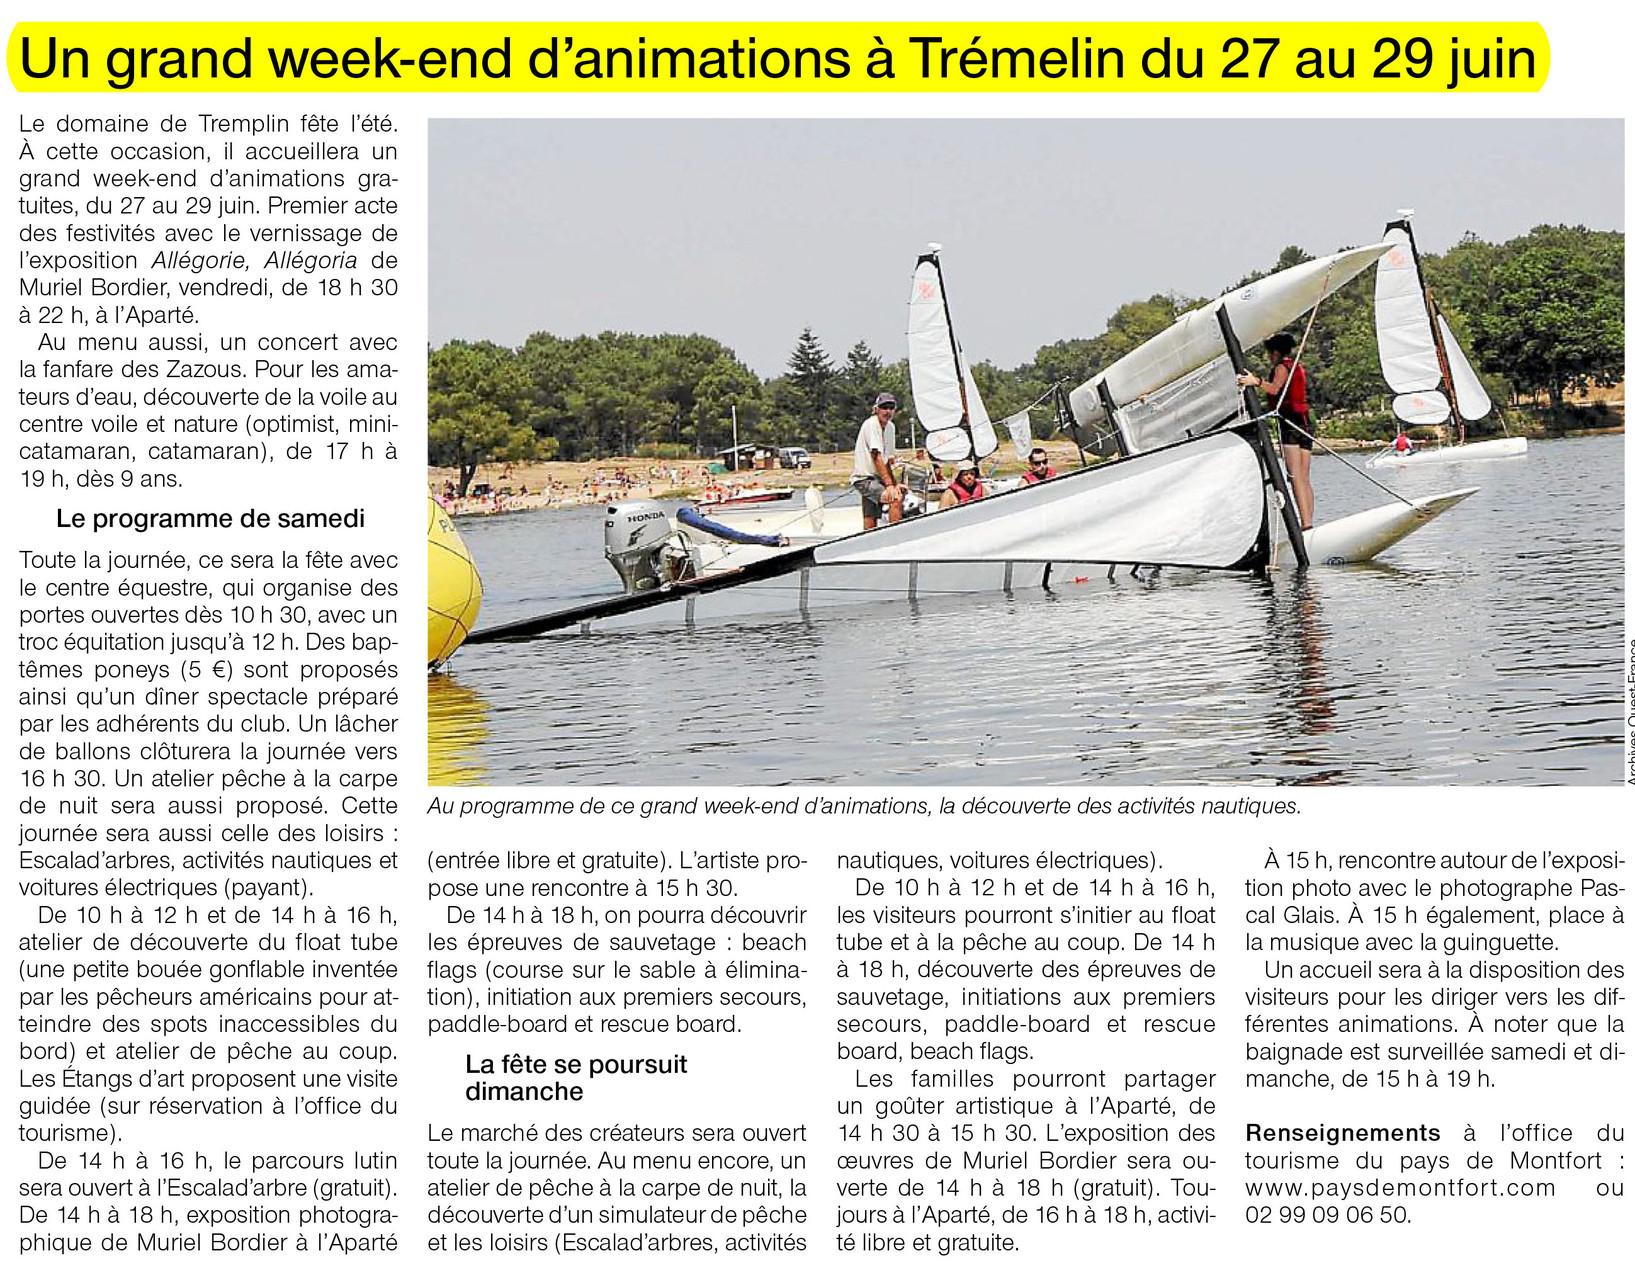 Ouest-France - 26 juin 2014